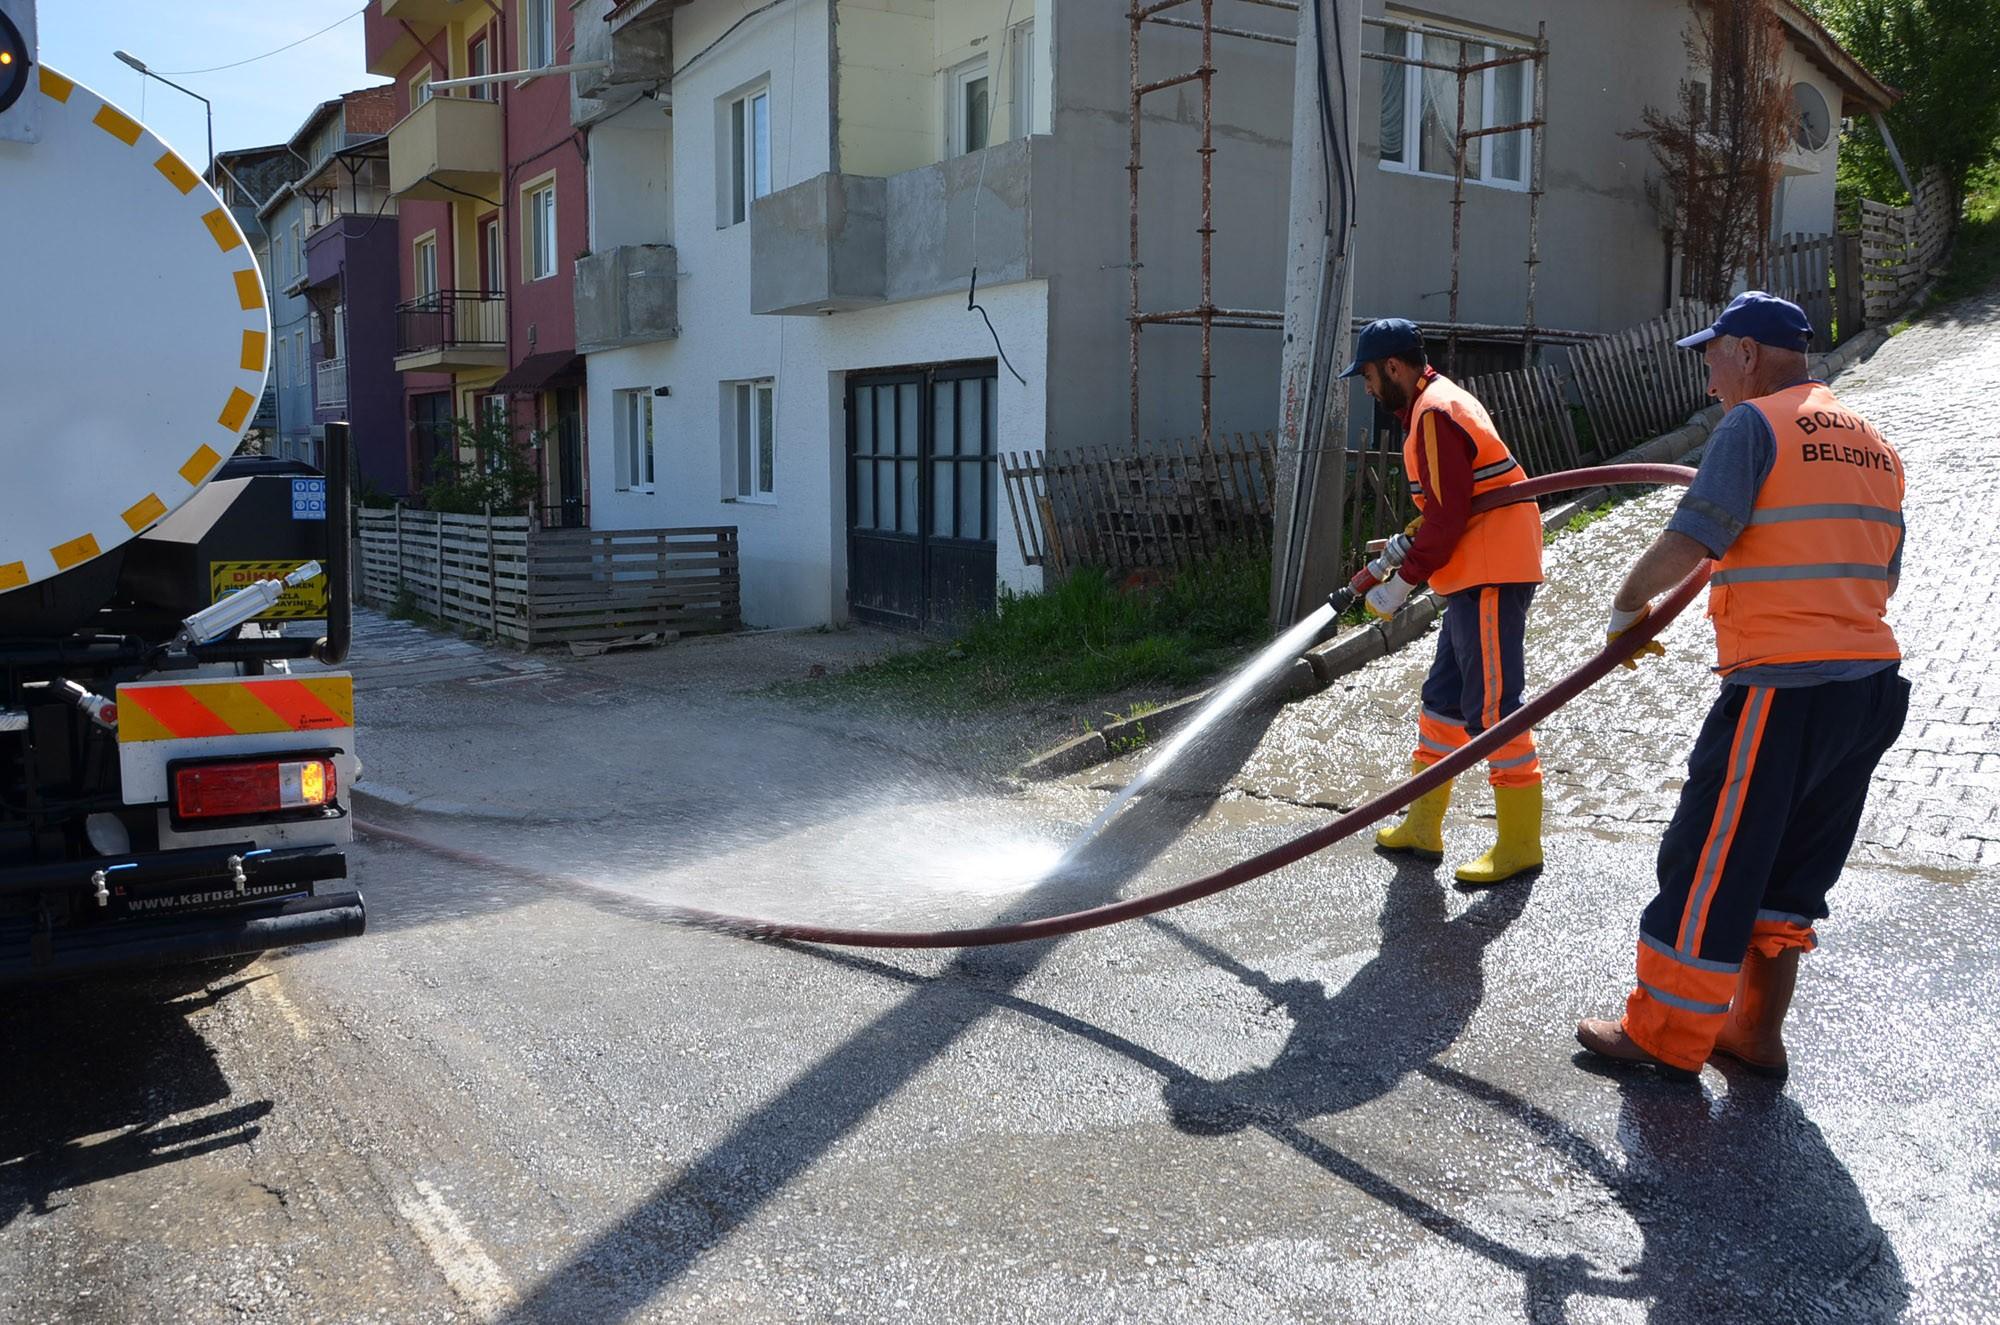 bozuyuk-belediyesi-ekipleri-caddeleri-yikayarak-temizliyor.jpg